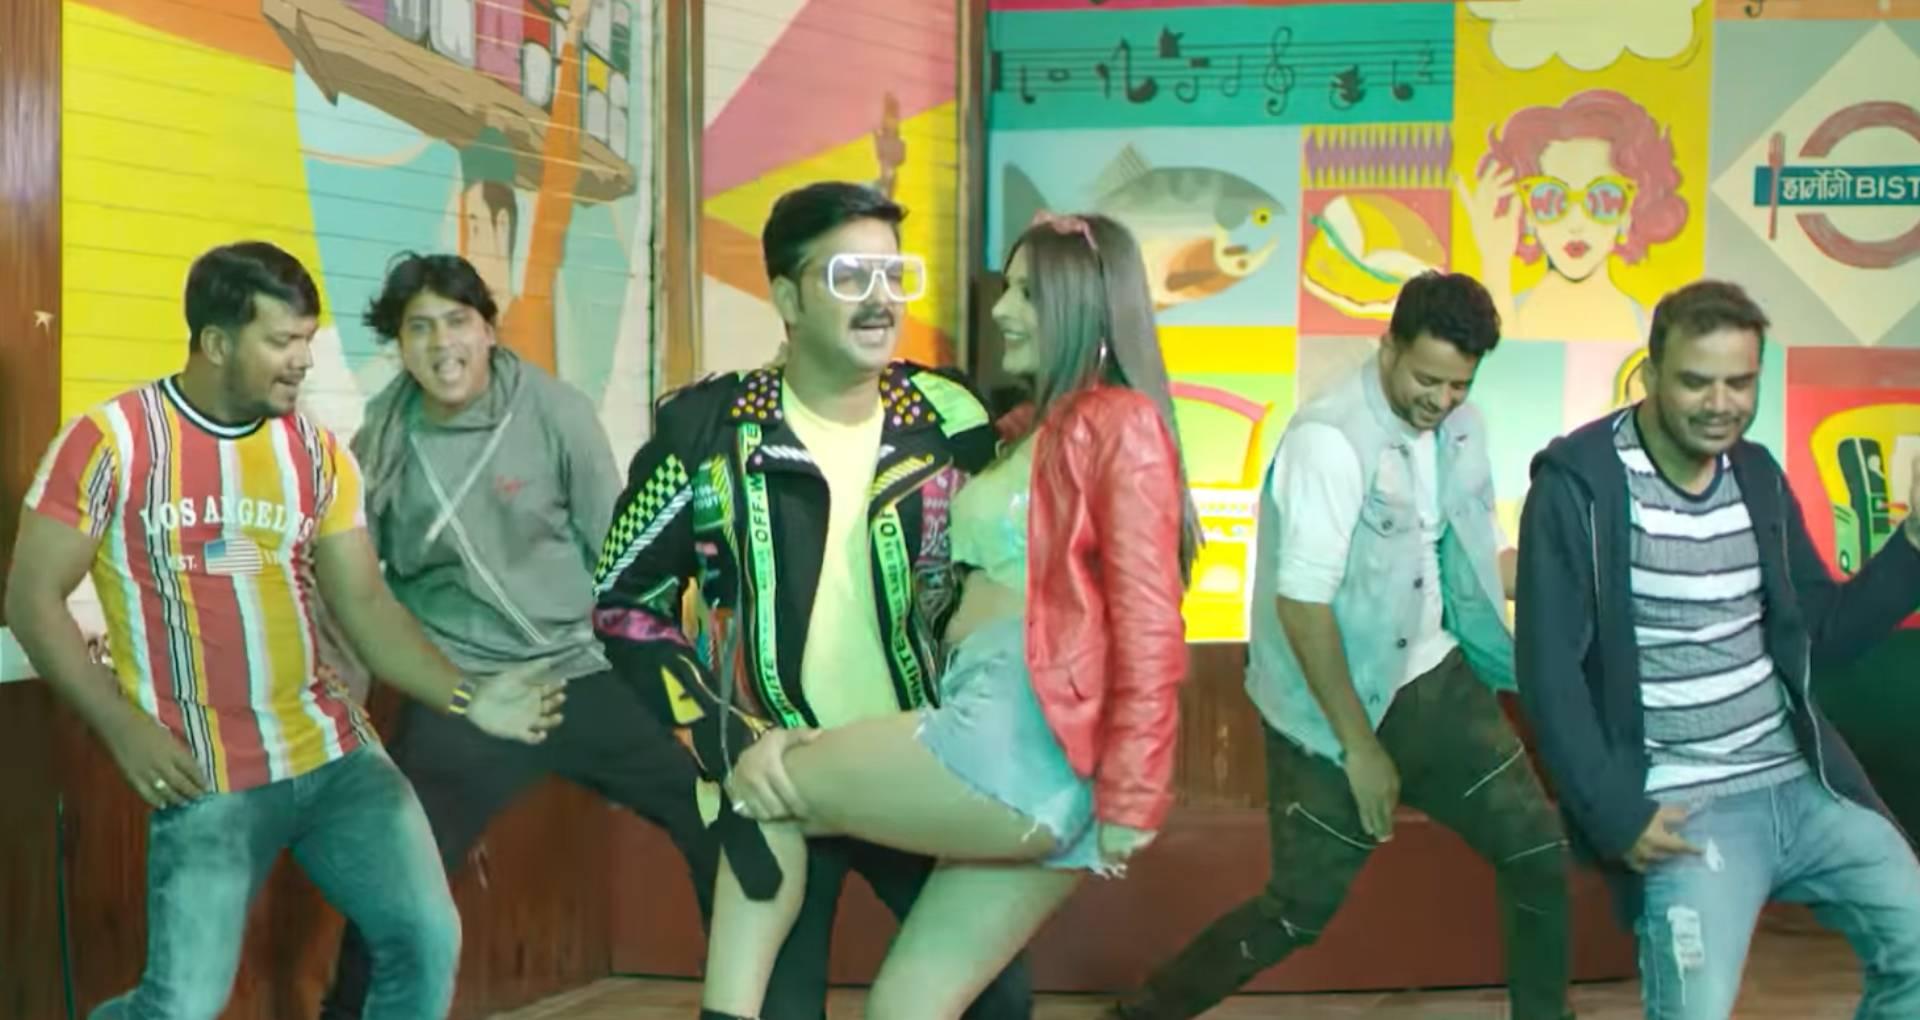 पवन सिंह का पहला भोजपुरी पॉप सॉन्ग लॉन्च, हमार वाला डांस पर नाचता दिखा इंडिया, देखिए ये धांसू गाना